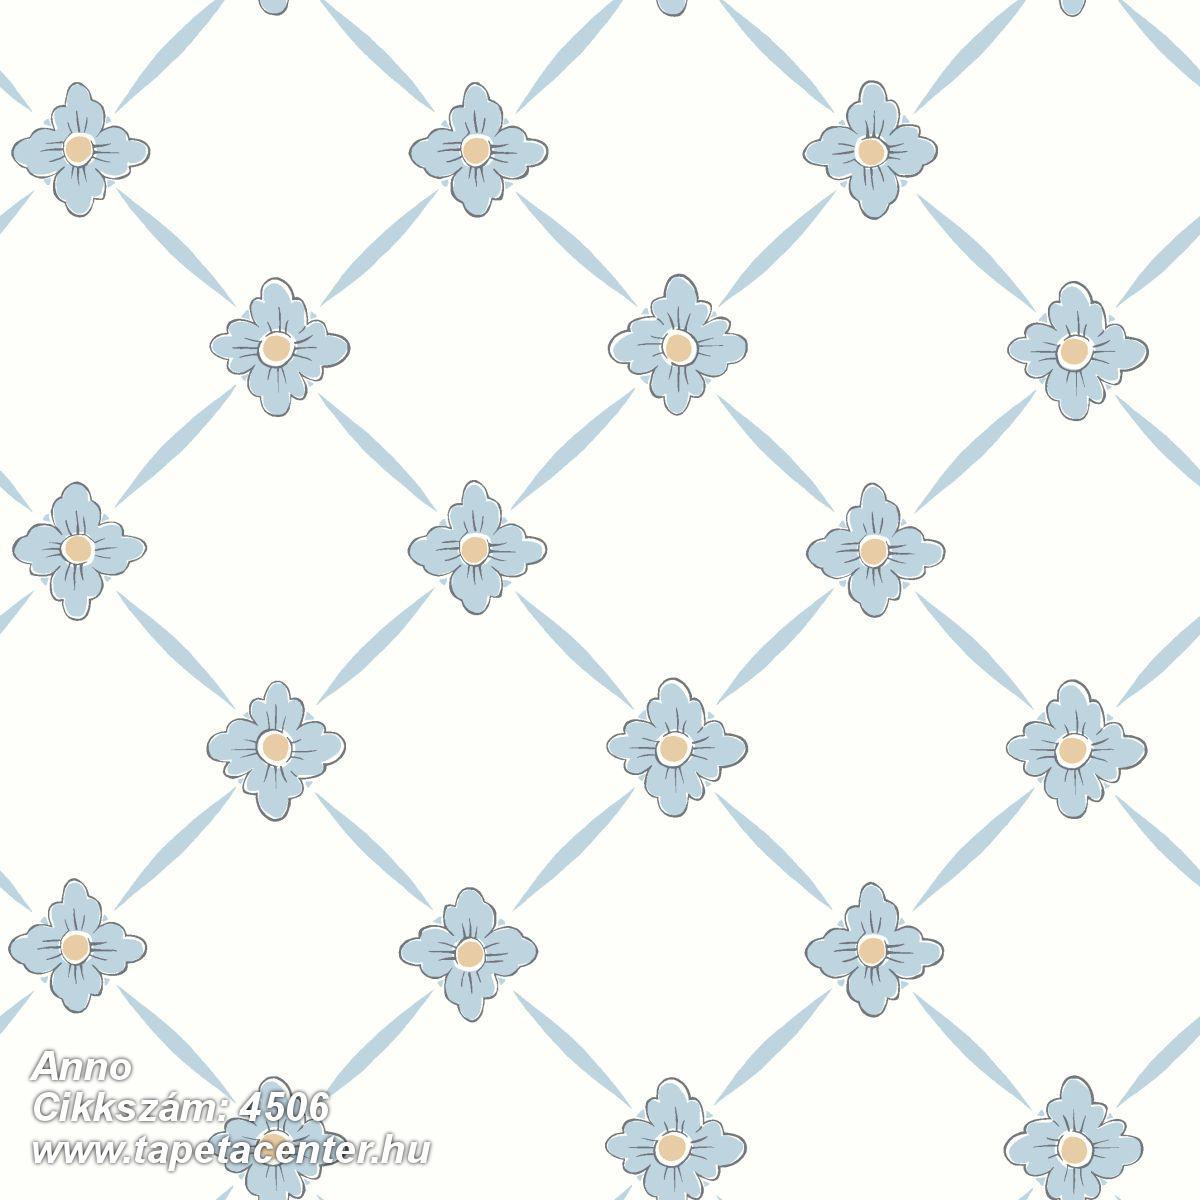 Különleges motívumos,rajzolt,retro,virágmintás,fehér,kék,lemosható,vlies tapéta